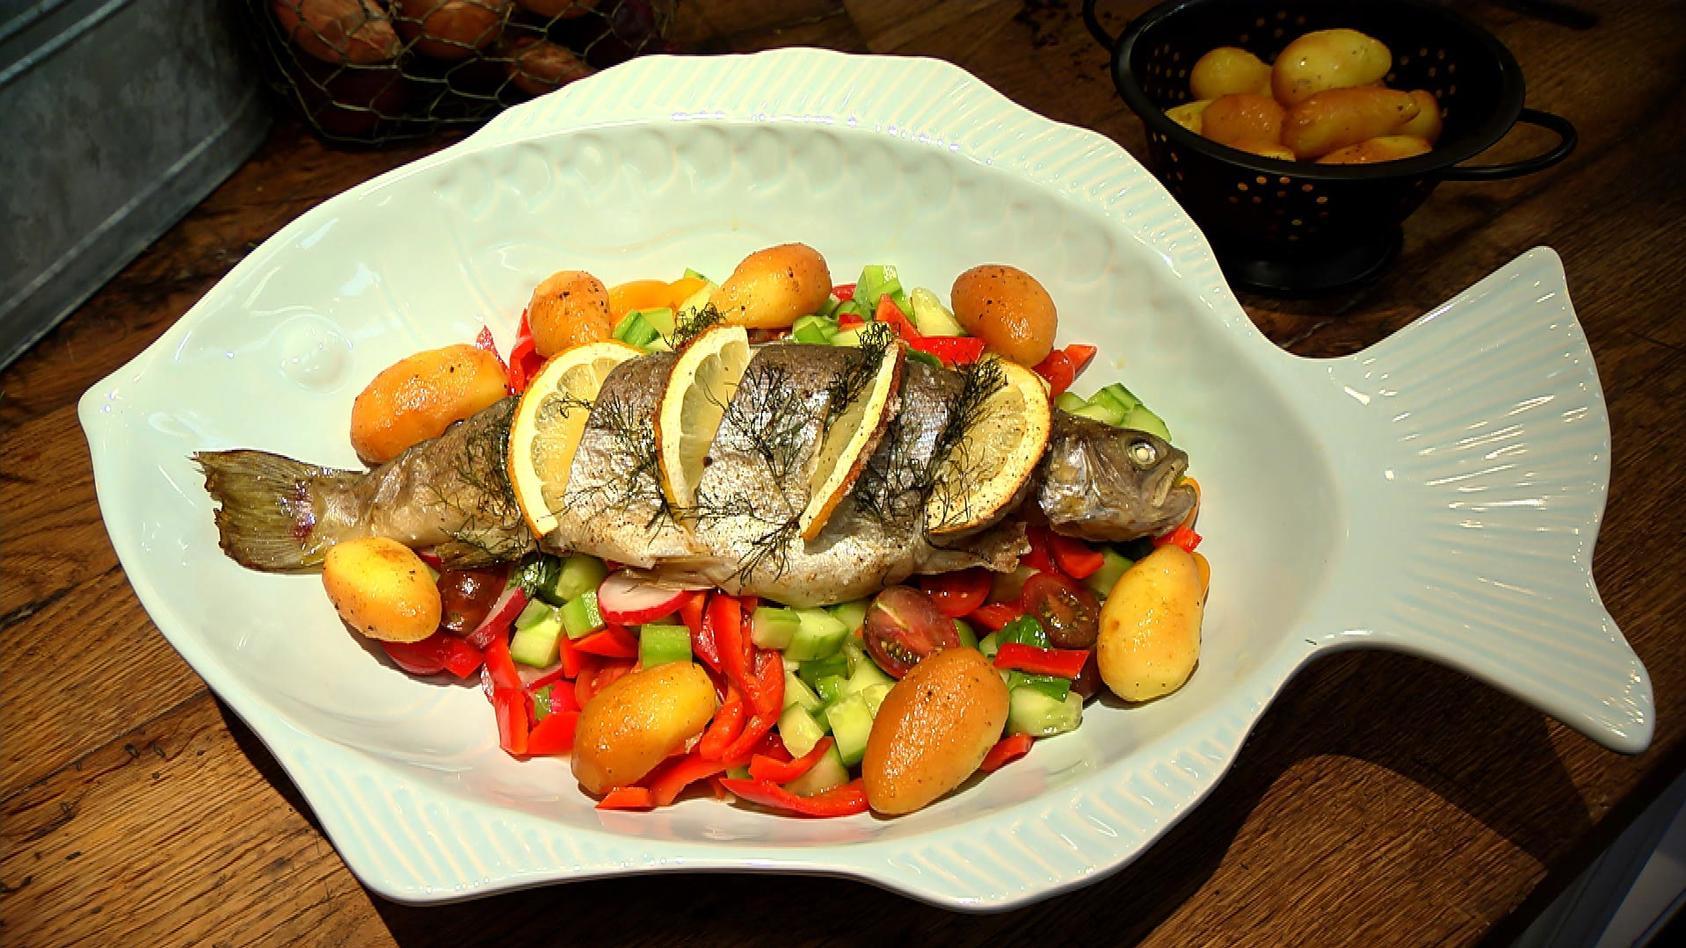 Ja ich grill! – Grillrezepte für jede Jahreszeit: Dill-Forelle mit geräucherten Kartoffeln